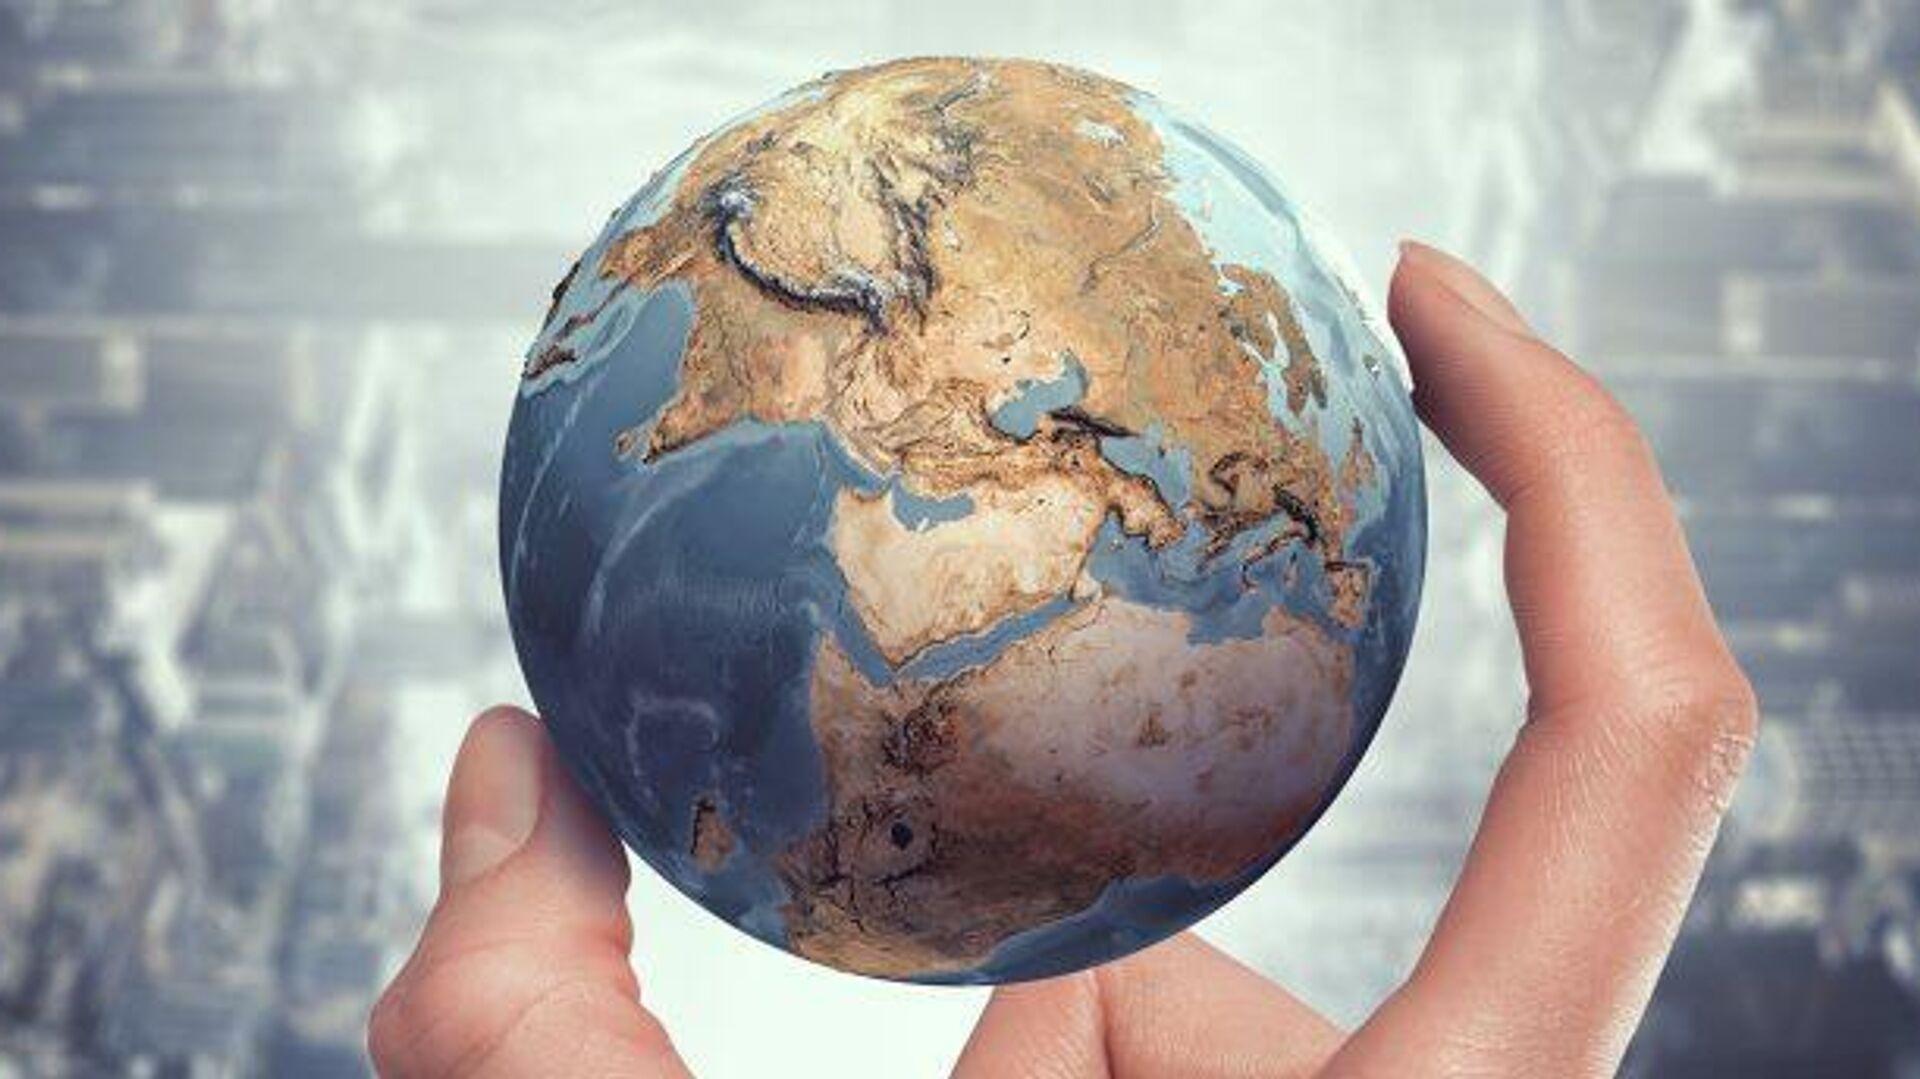 México y Argentina reafirman una alianza clave en América Latina - Sputnik Mundo, 1920, 23.02.2021